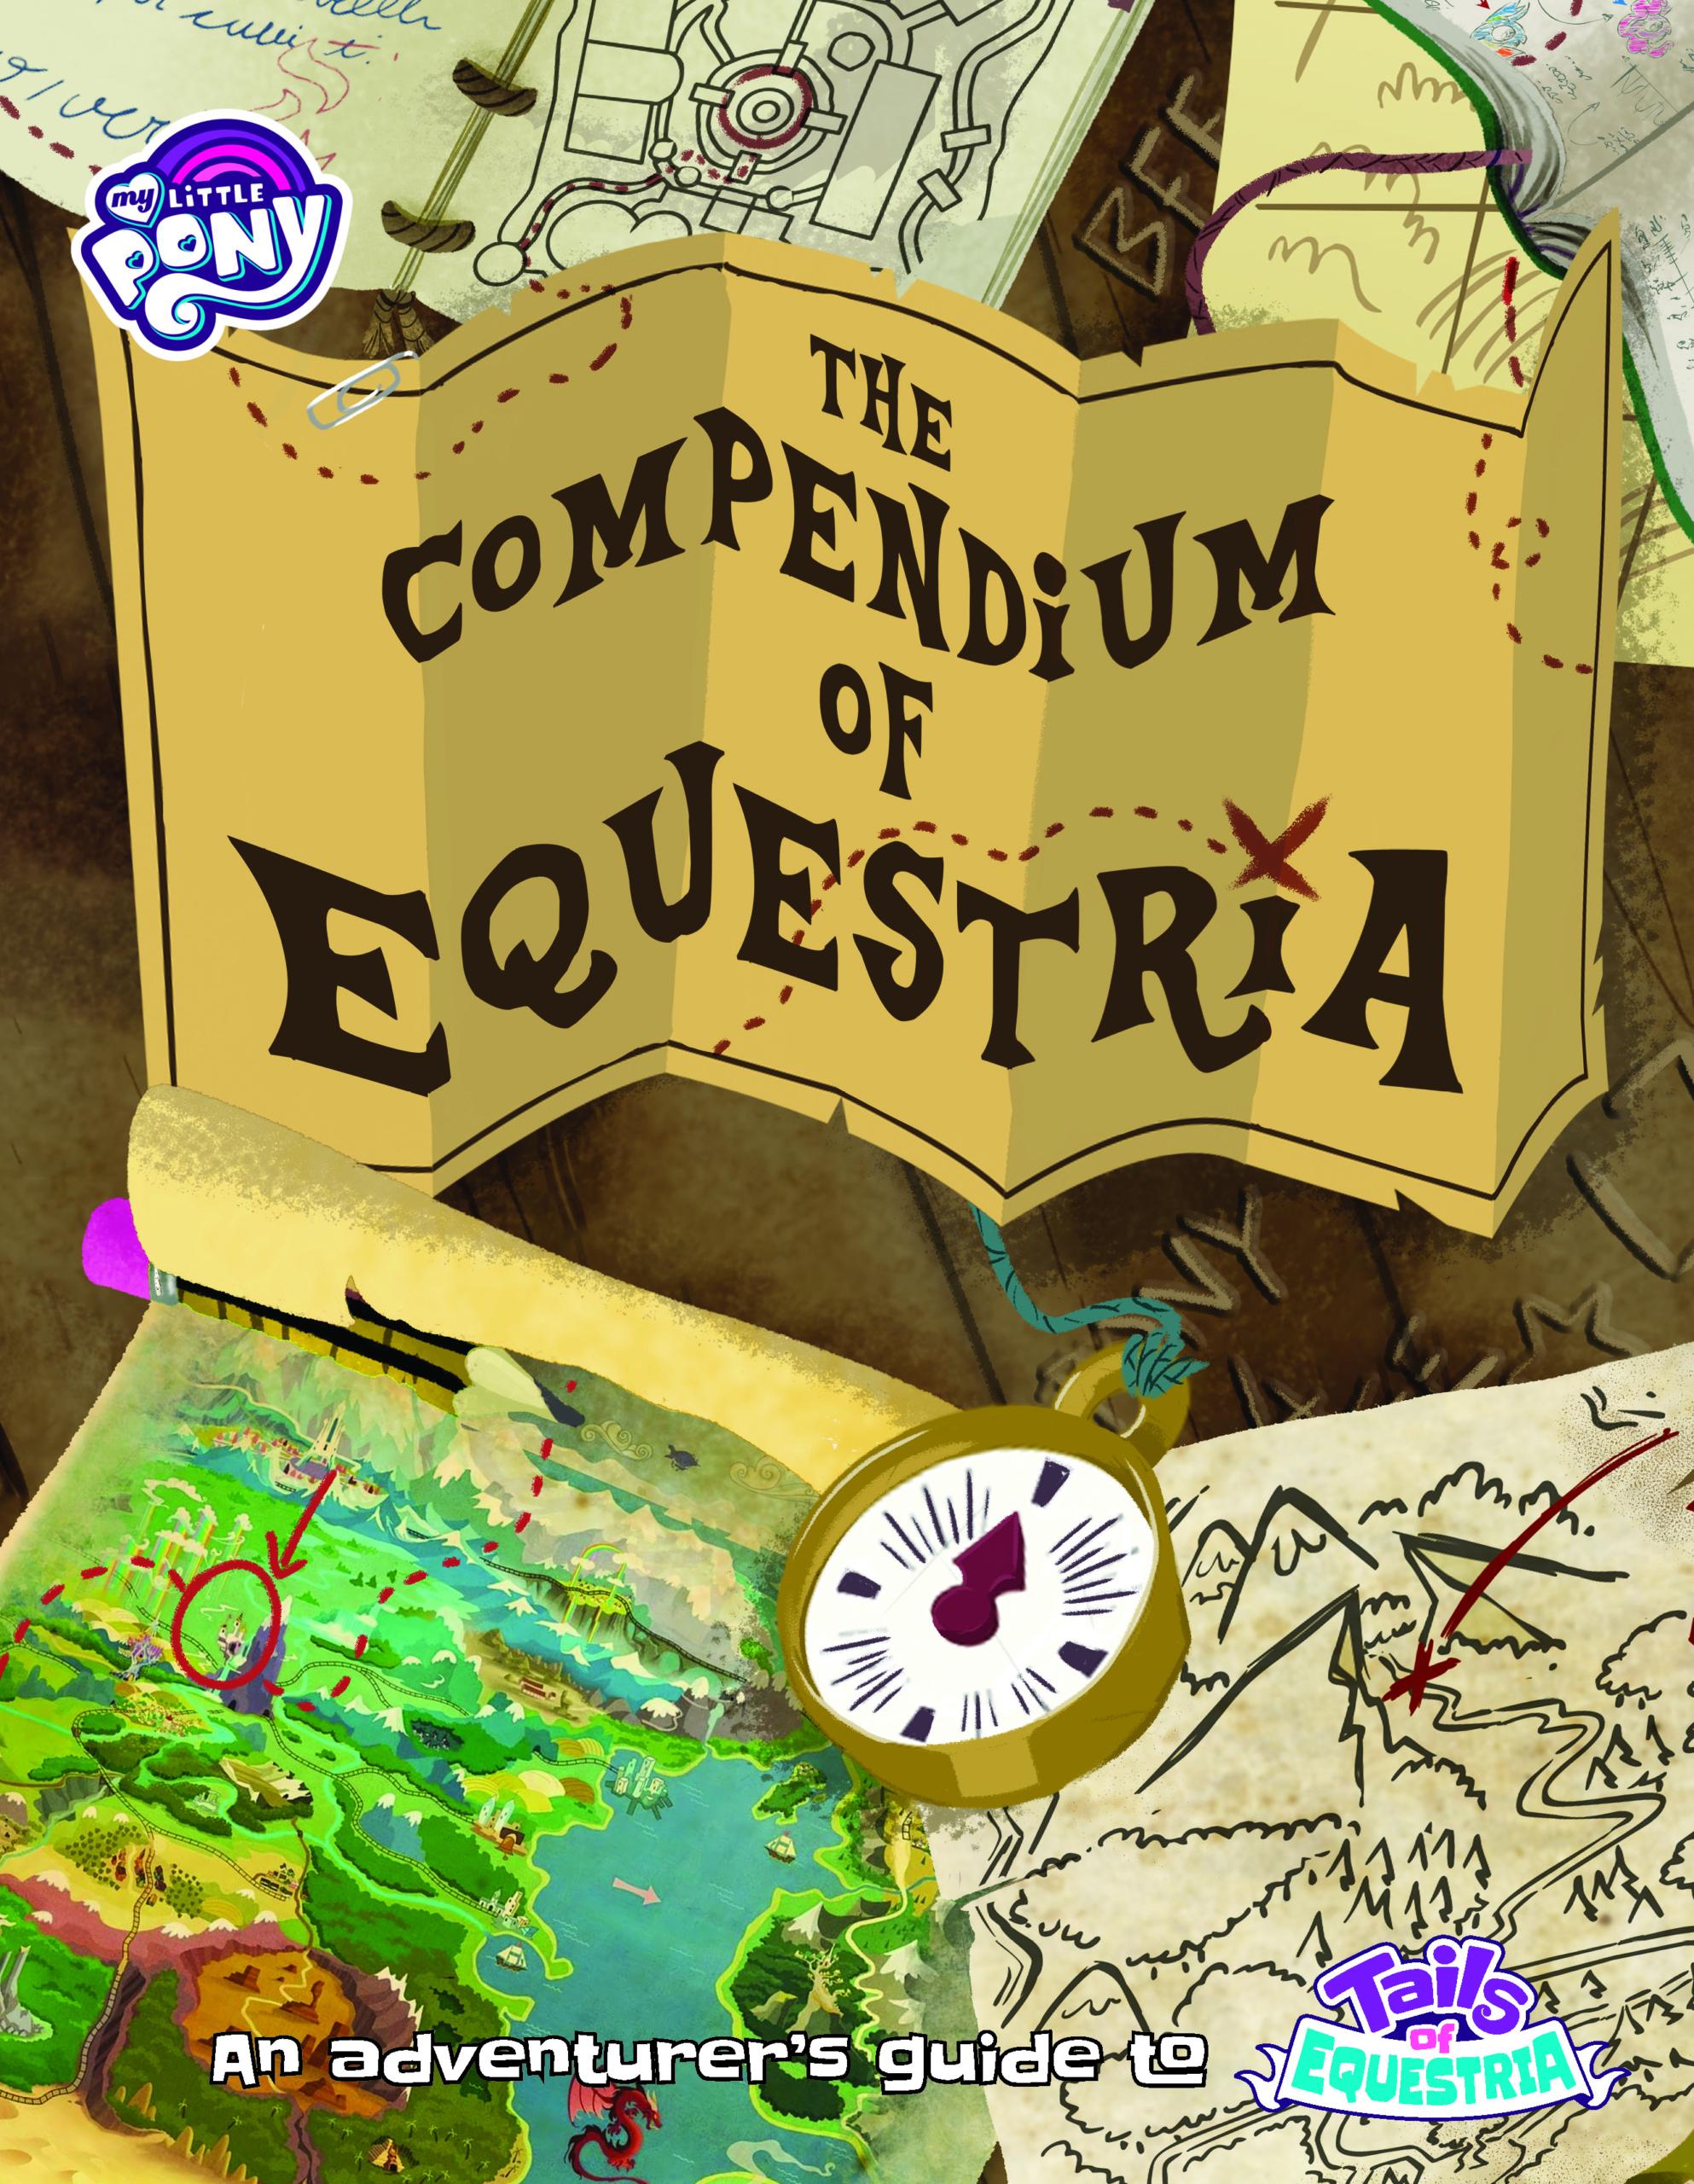 The Compendium of Equestria